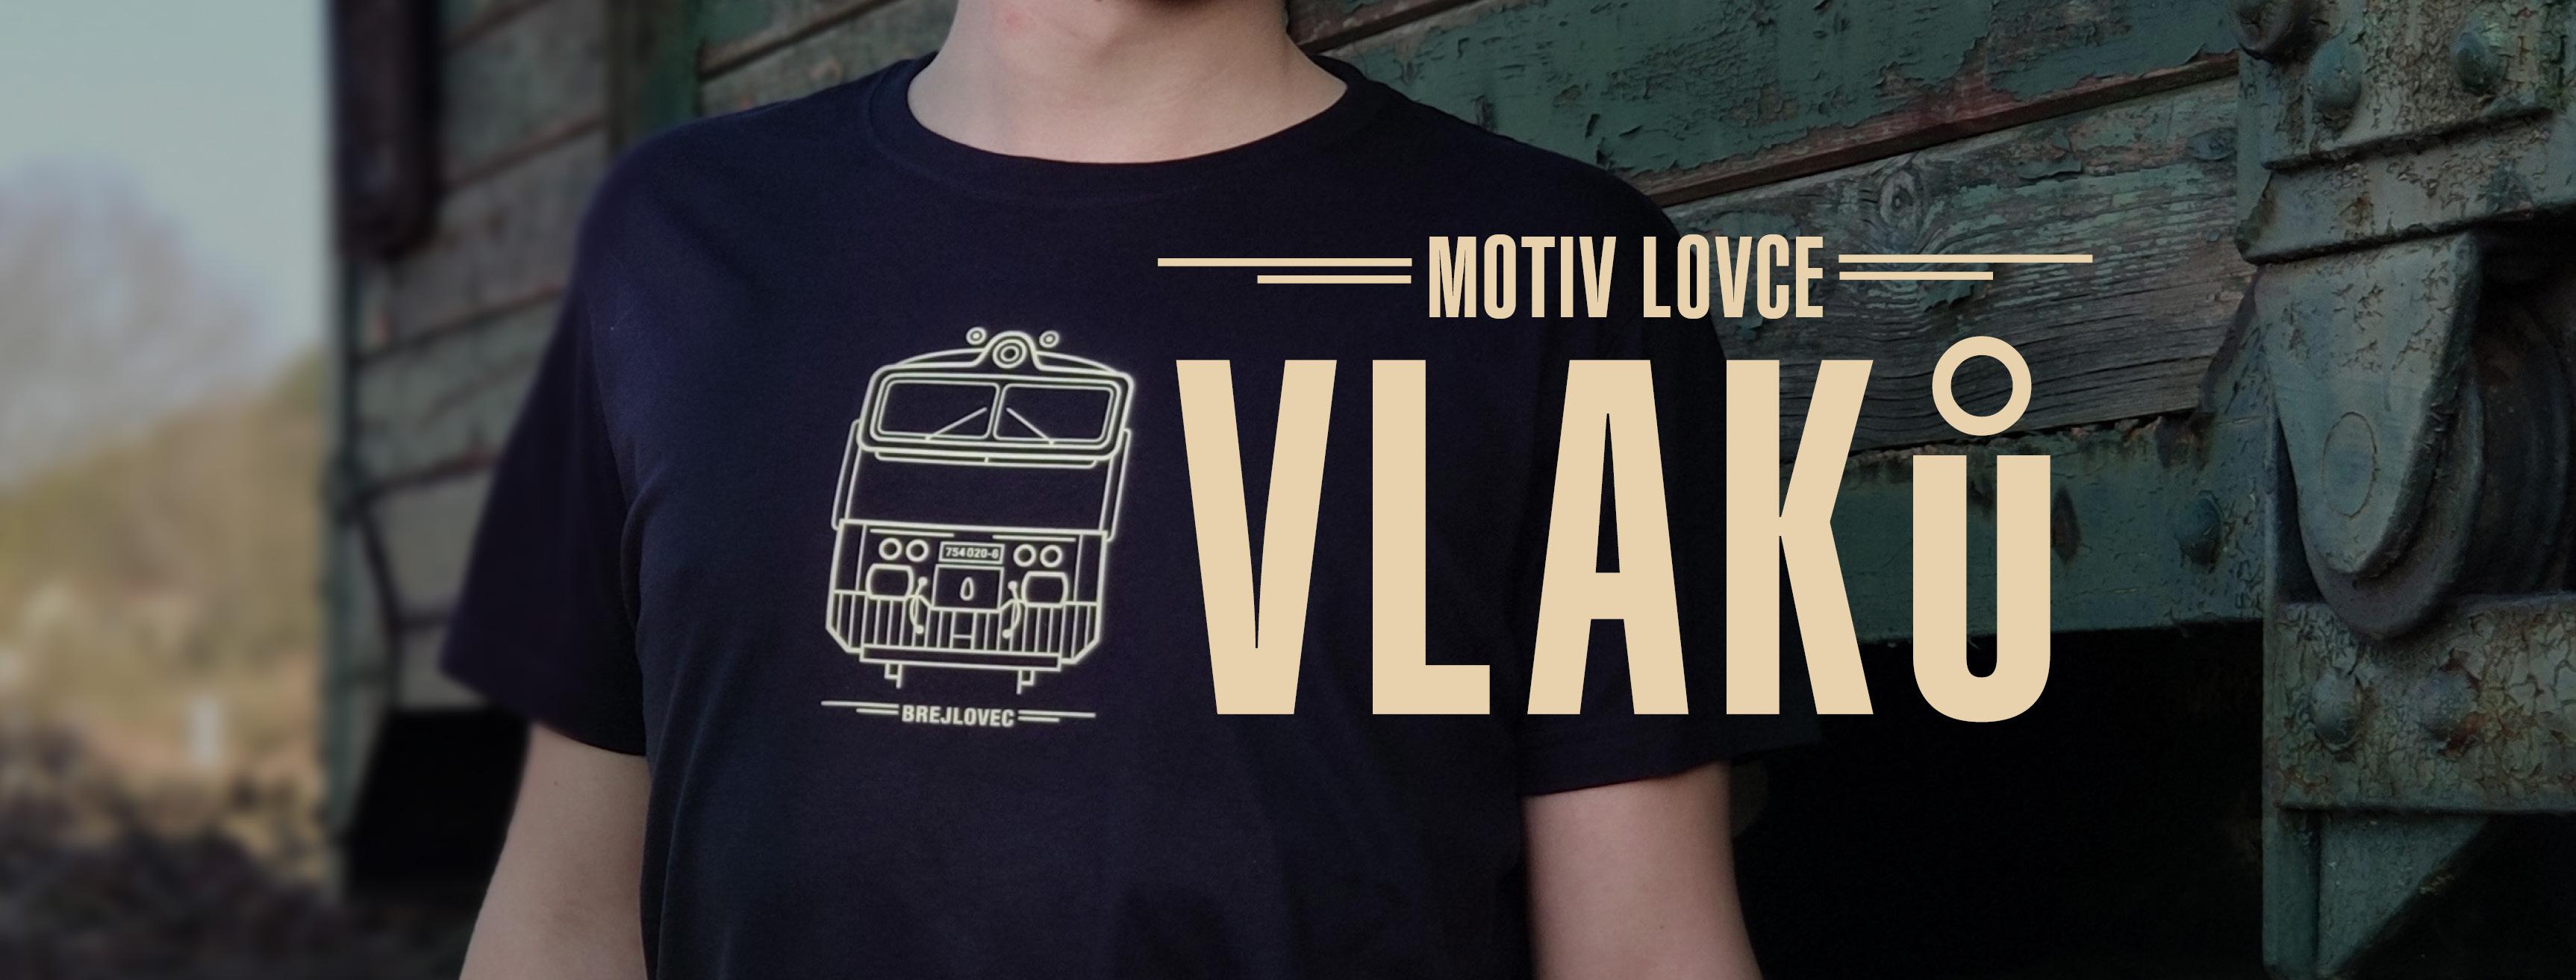 Motiv lovce vlaků modré tričko BREJLOVEC